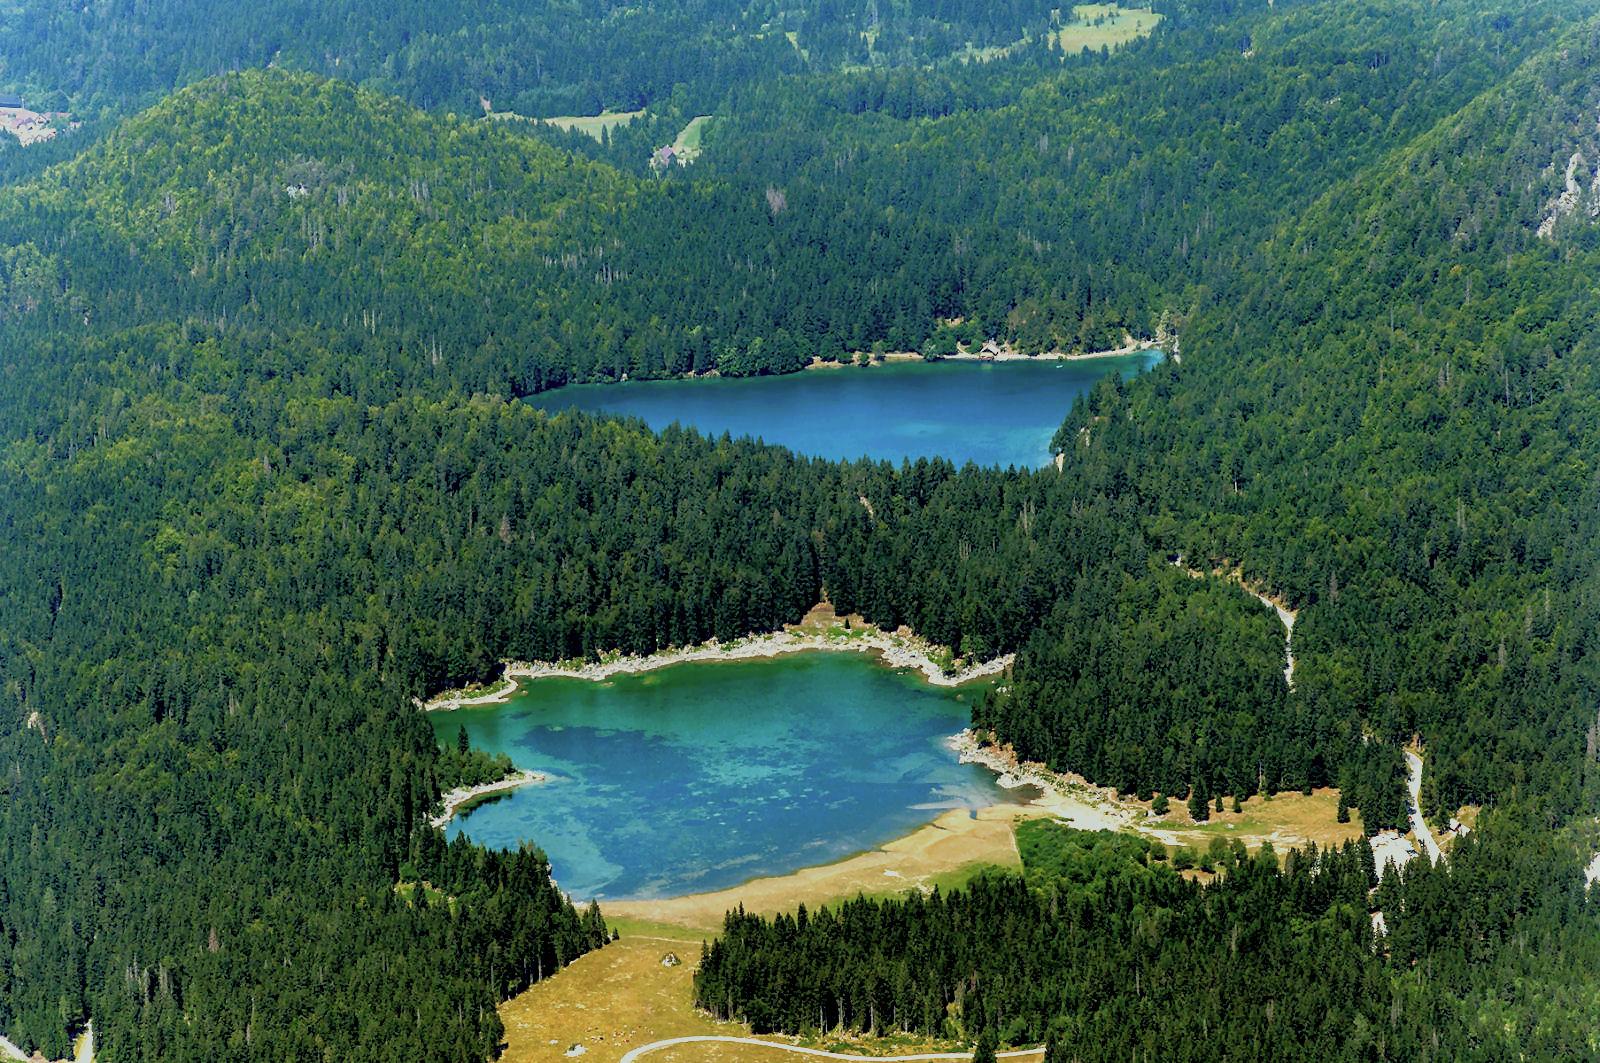 Laghi di Fusine Lakes are two glacial lakes, the Lago lnferiore and Lago Superiore